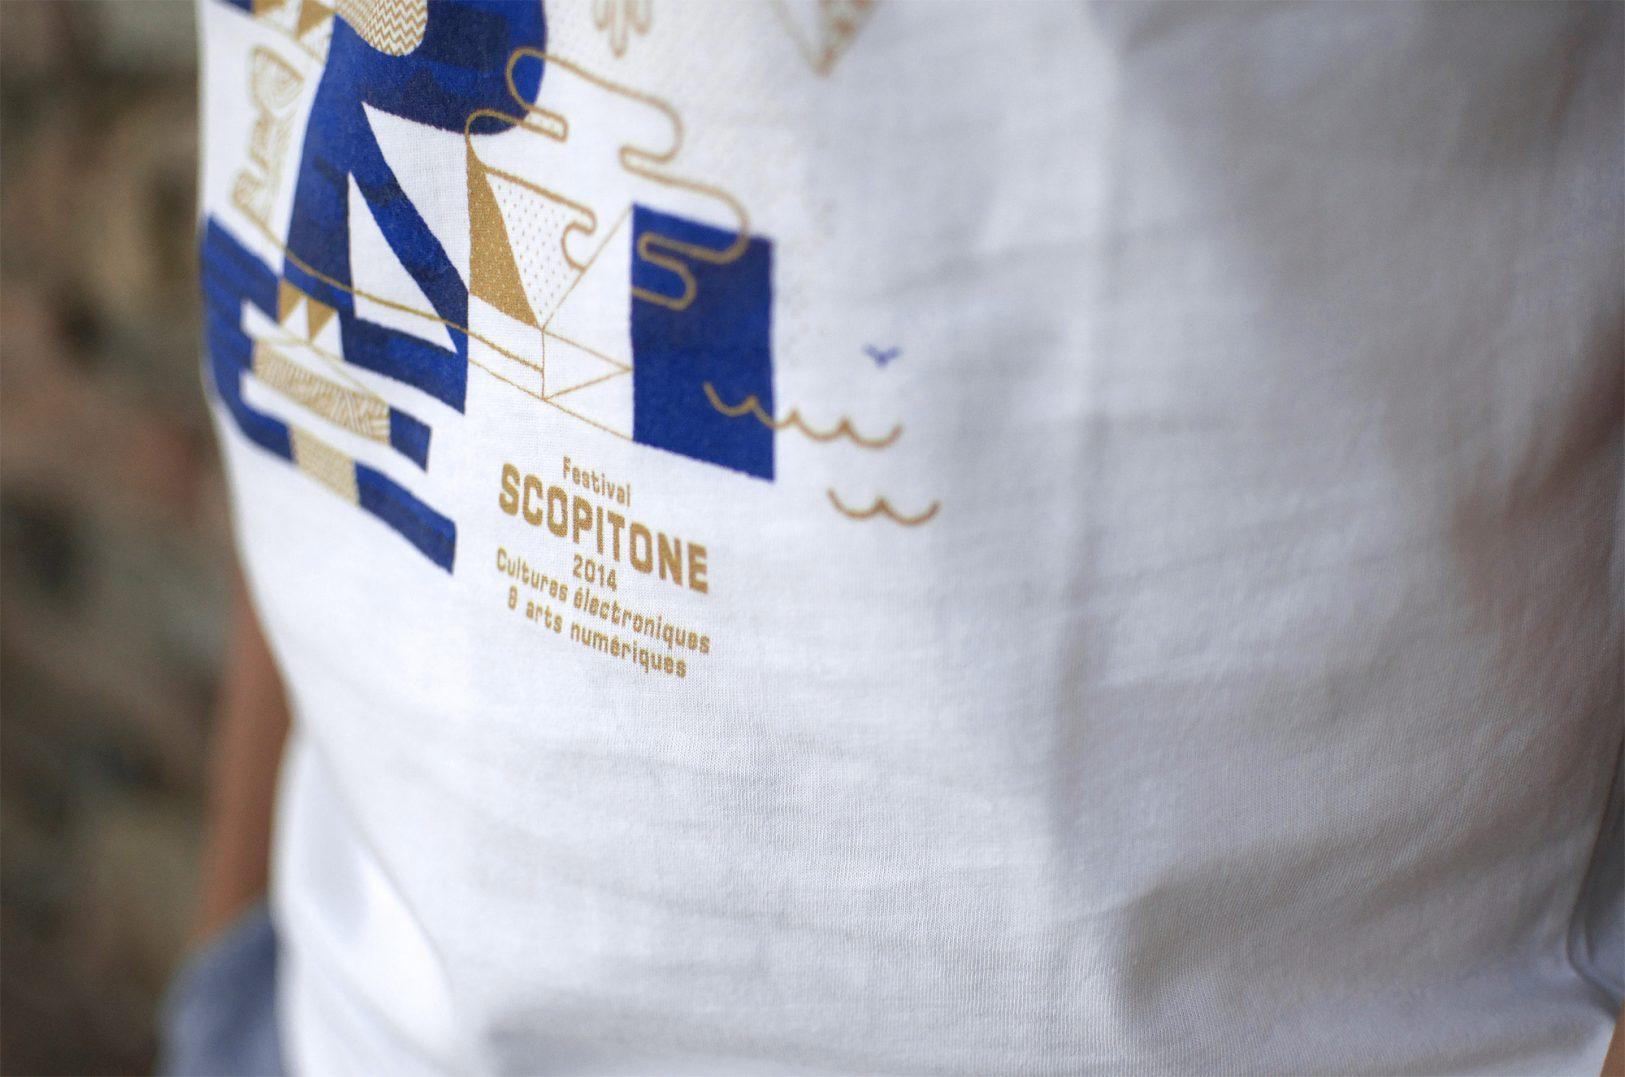 1scopitone-5